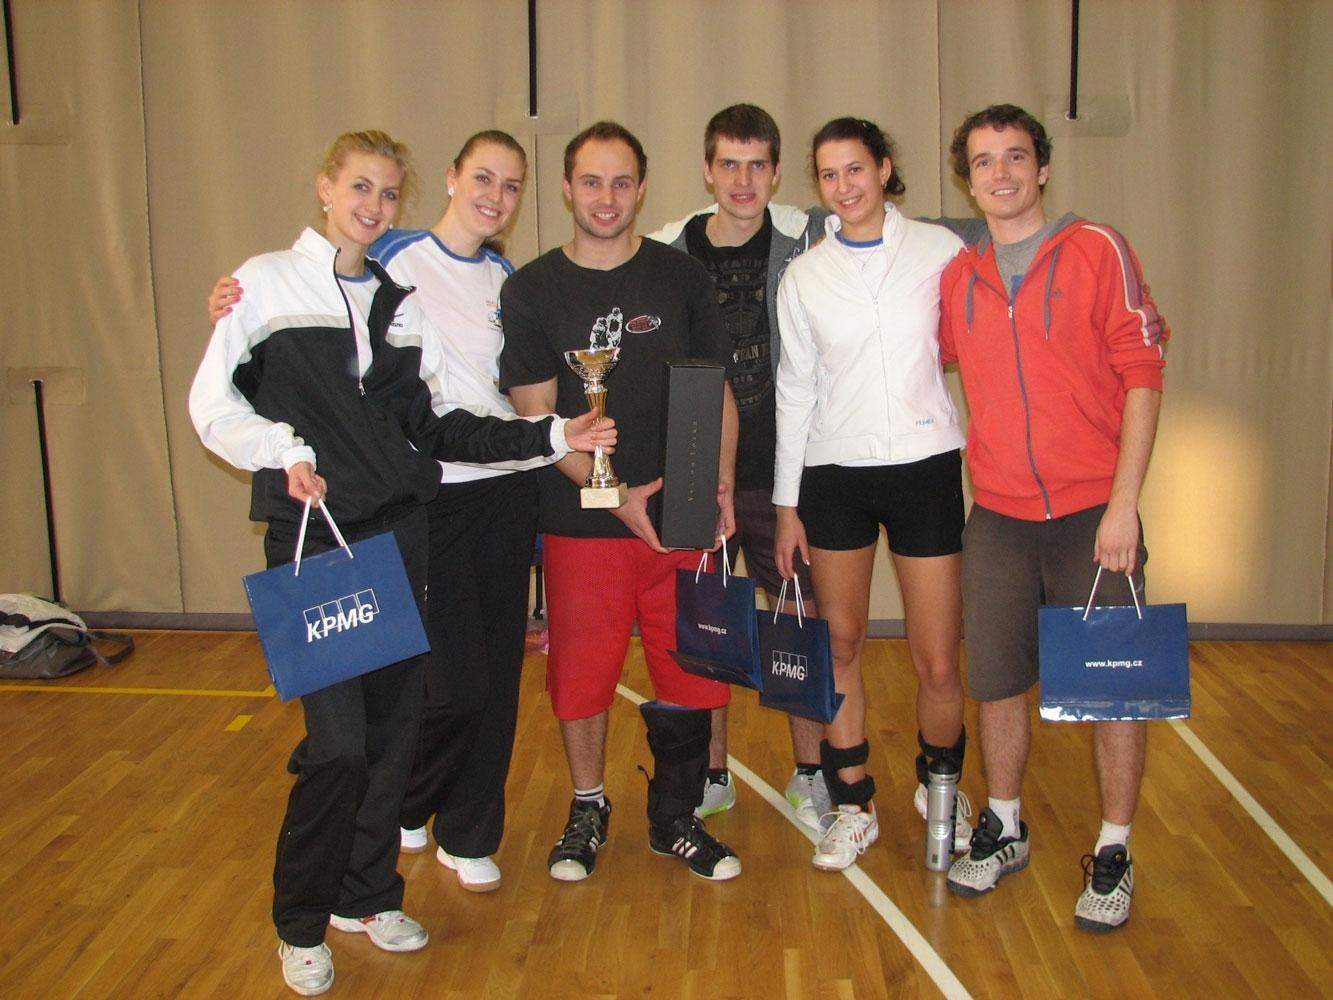 Turnaj smíšených družstev ve volejbale – KPMG Fit Cup 2012 – 1. 12. 2012